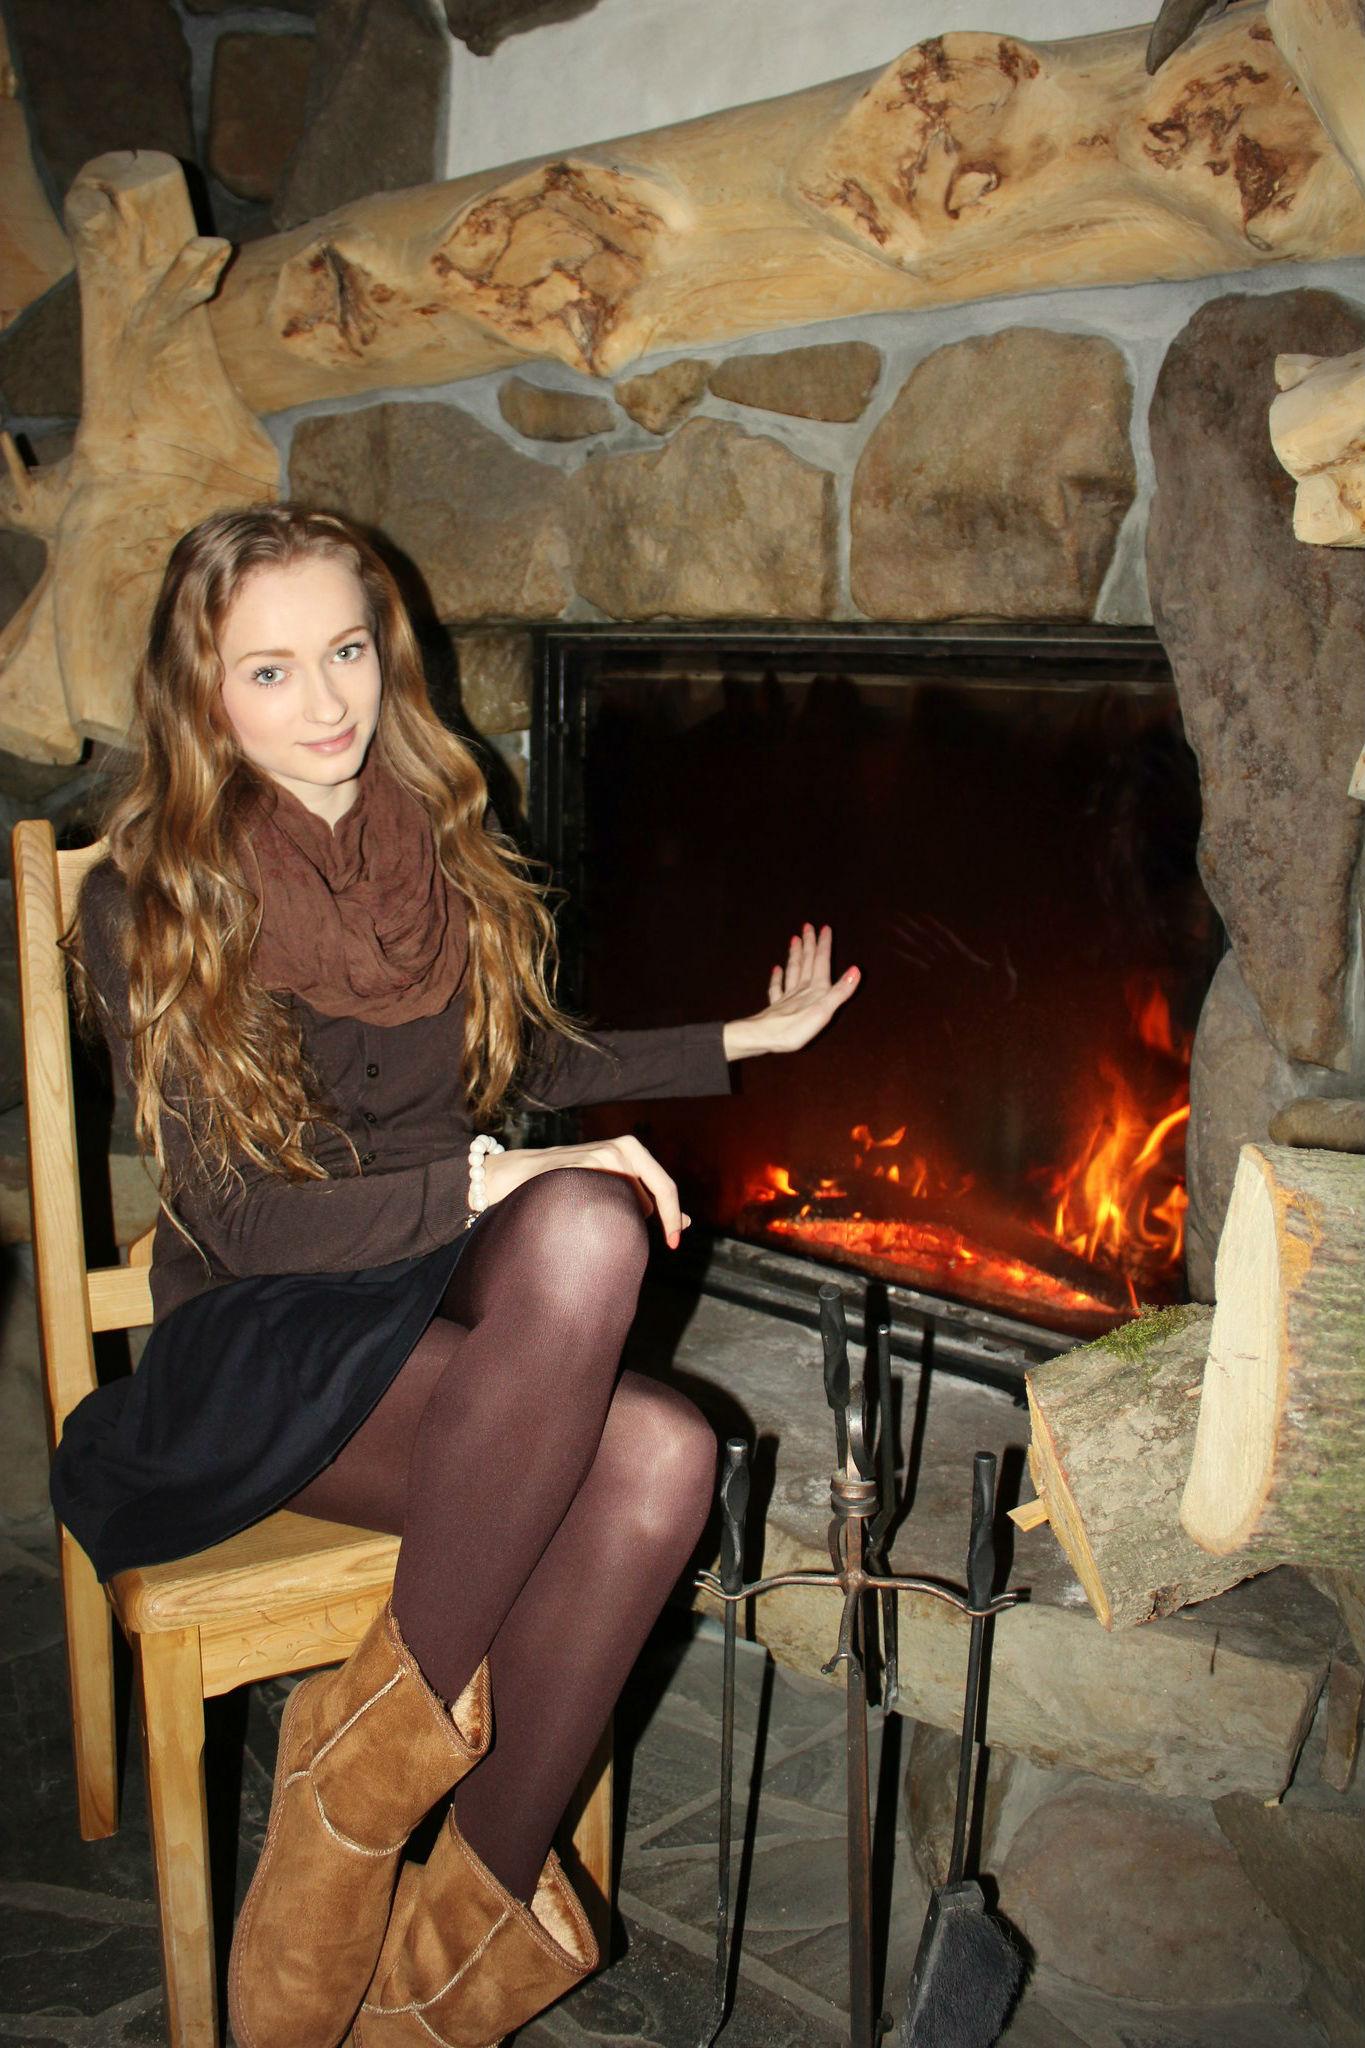 Светлорусая девушка в колготках возле камина